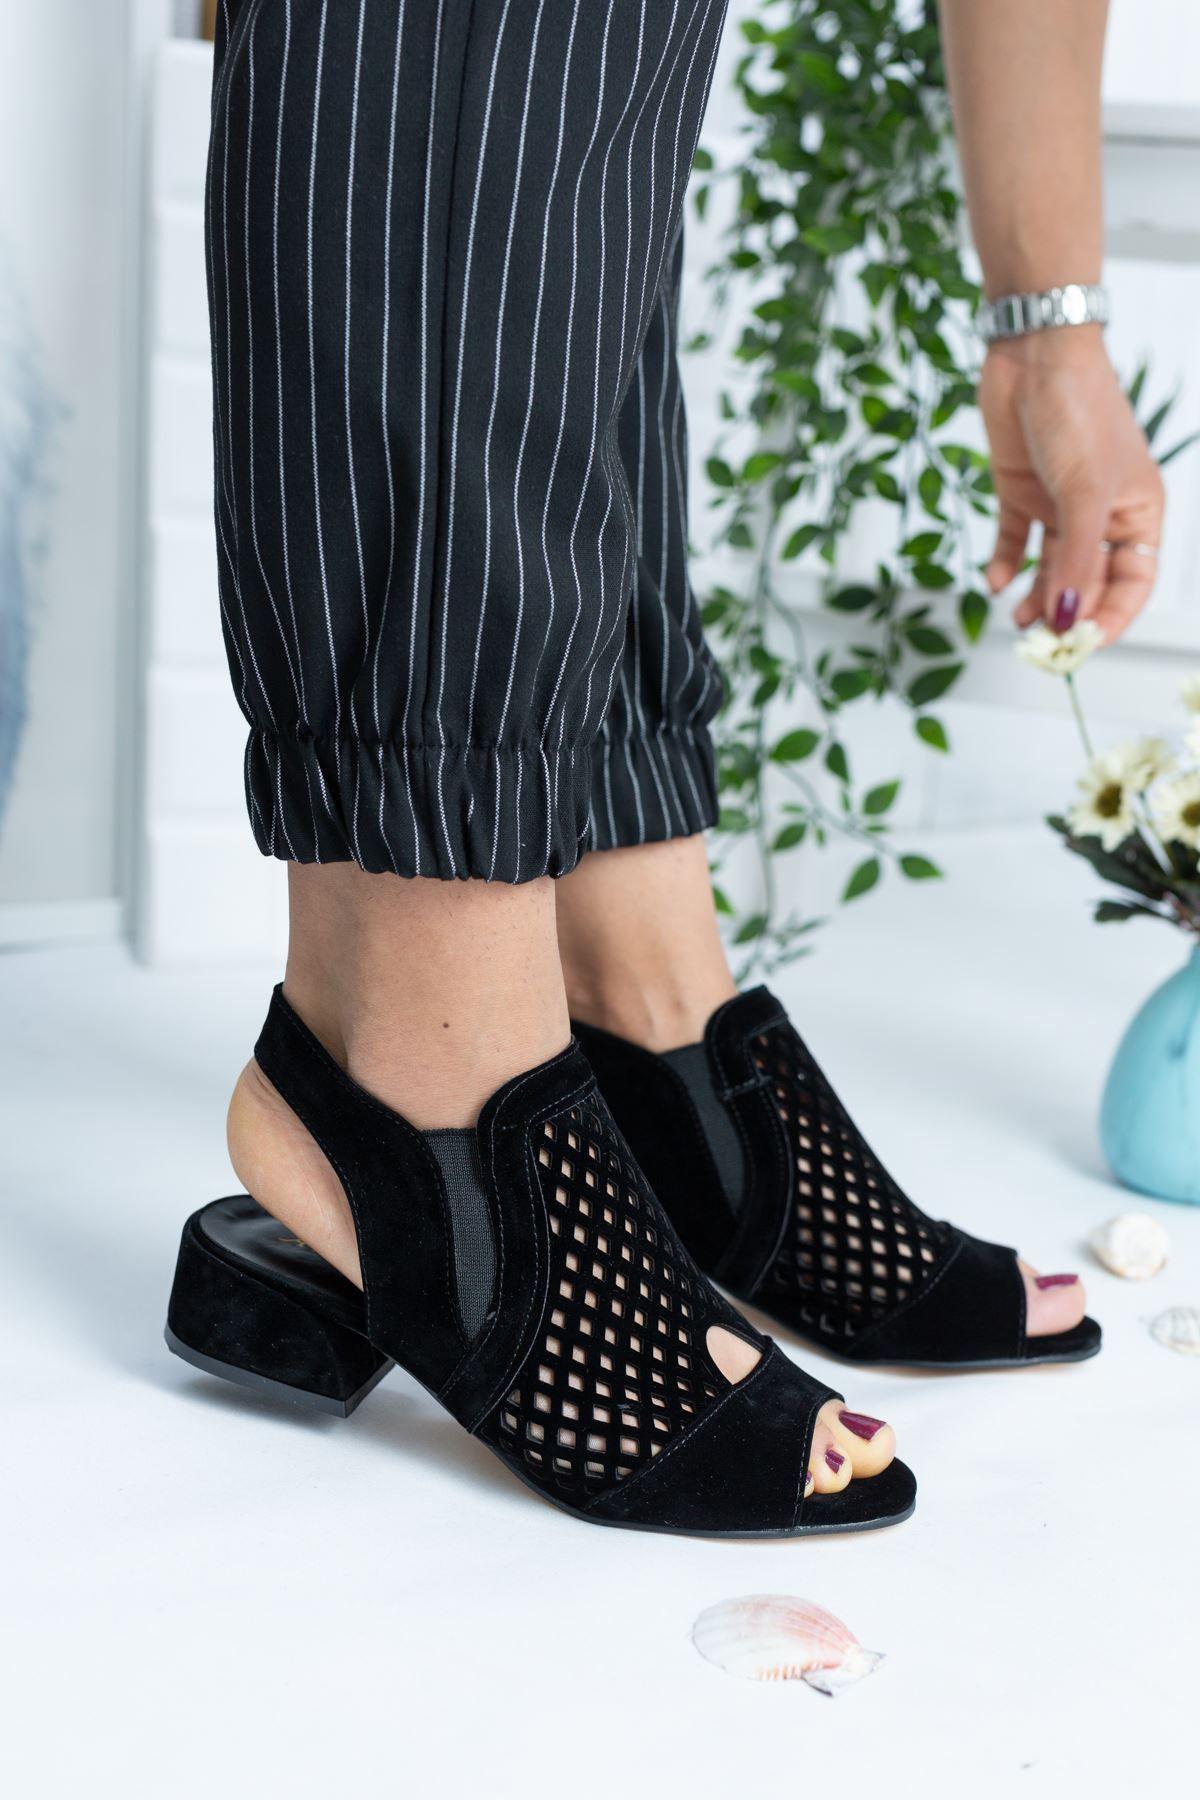 Lipa Siyah Süet Kadın Topuklu Ayakkabı